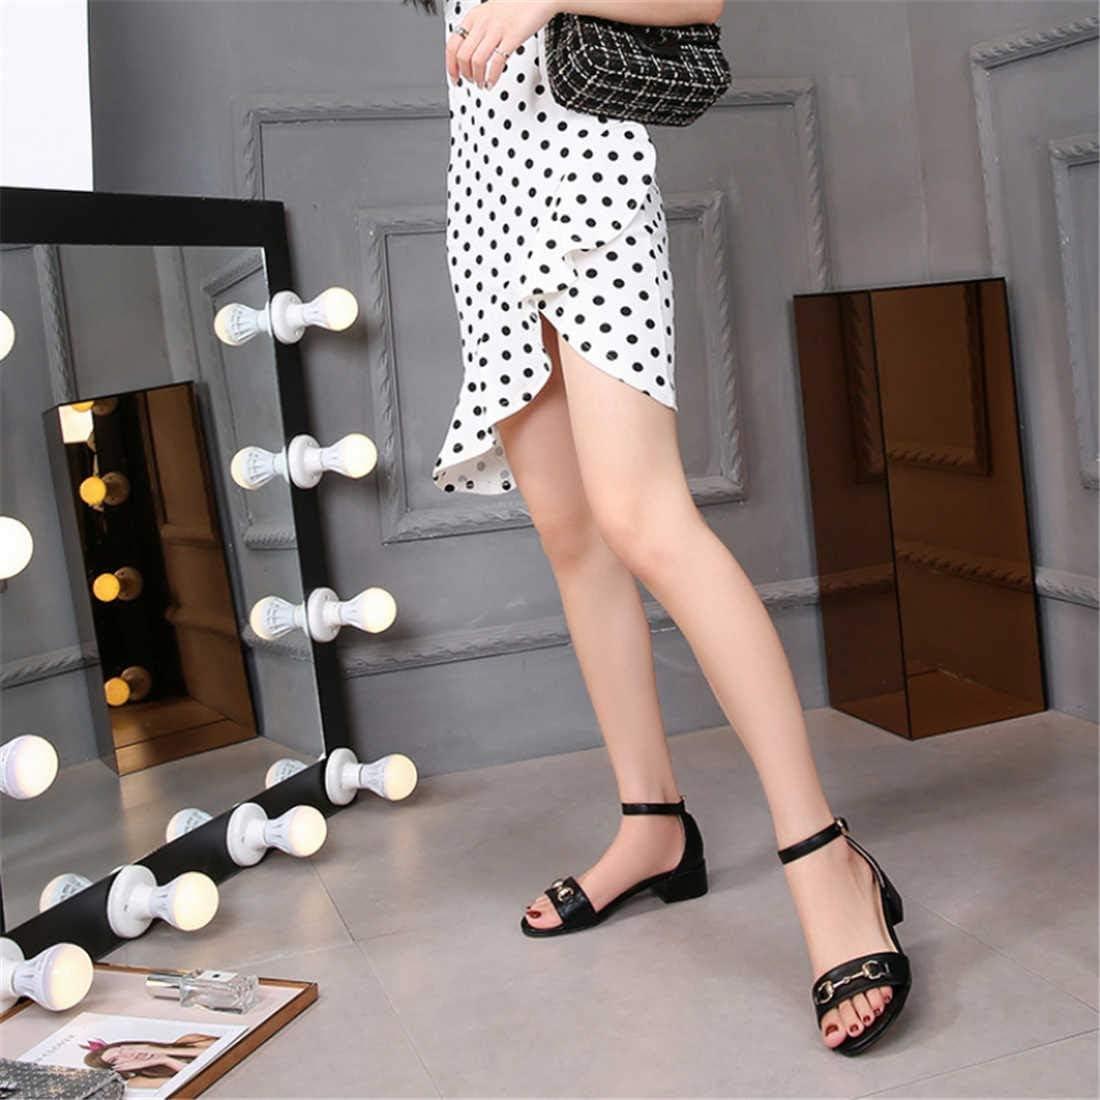 BZBZBZ Les Femmes de Grande Taille Pompe Ankel Sangles Sandales 3.5cm Chunkly Talon Ouvert Toe Court Casual Shoes EU Taille 32-43 black